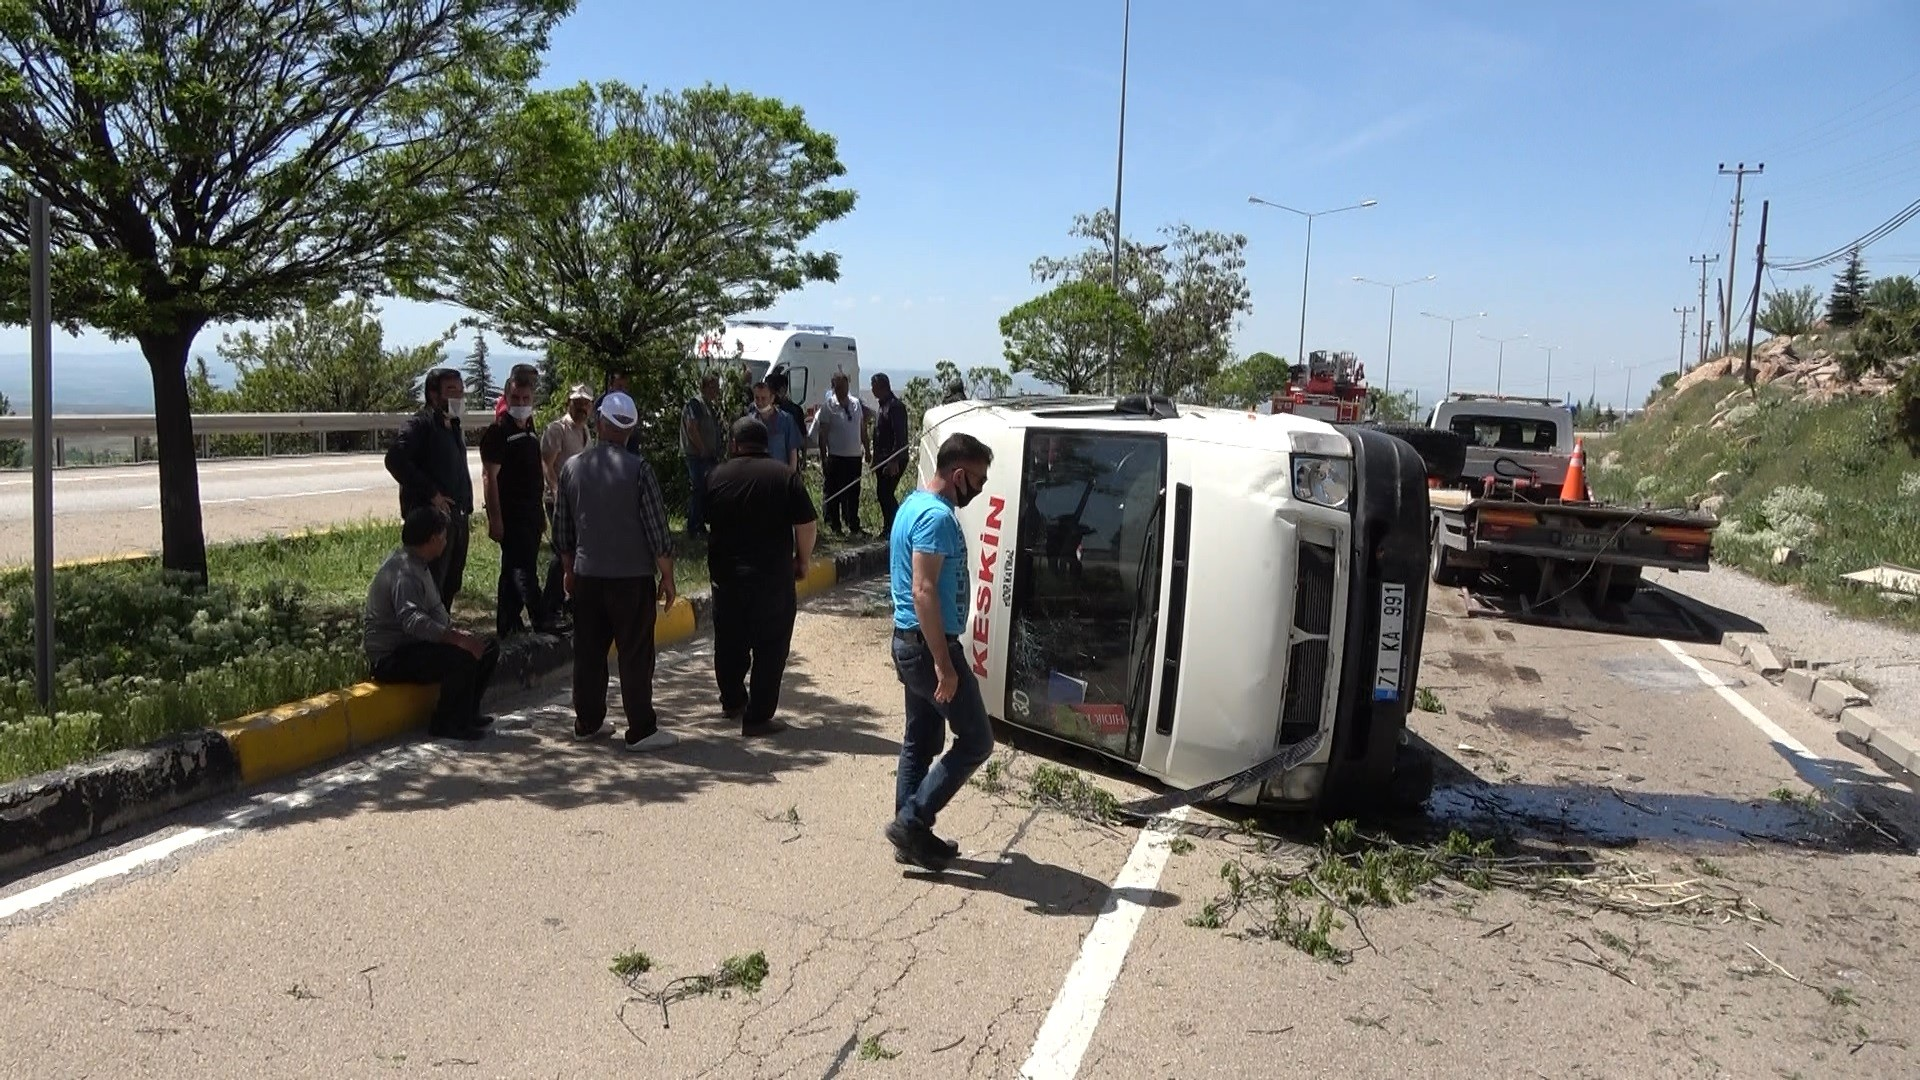 AW016480 01 - Keskin- Kırıkkale Minibüsü Kaza Yaptı